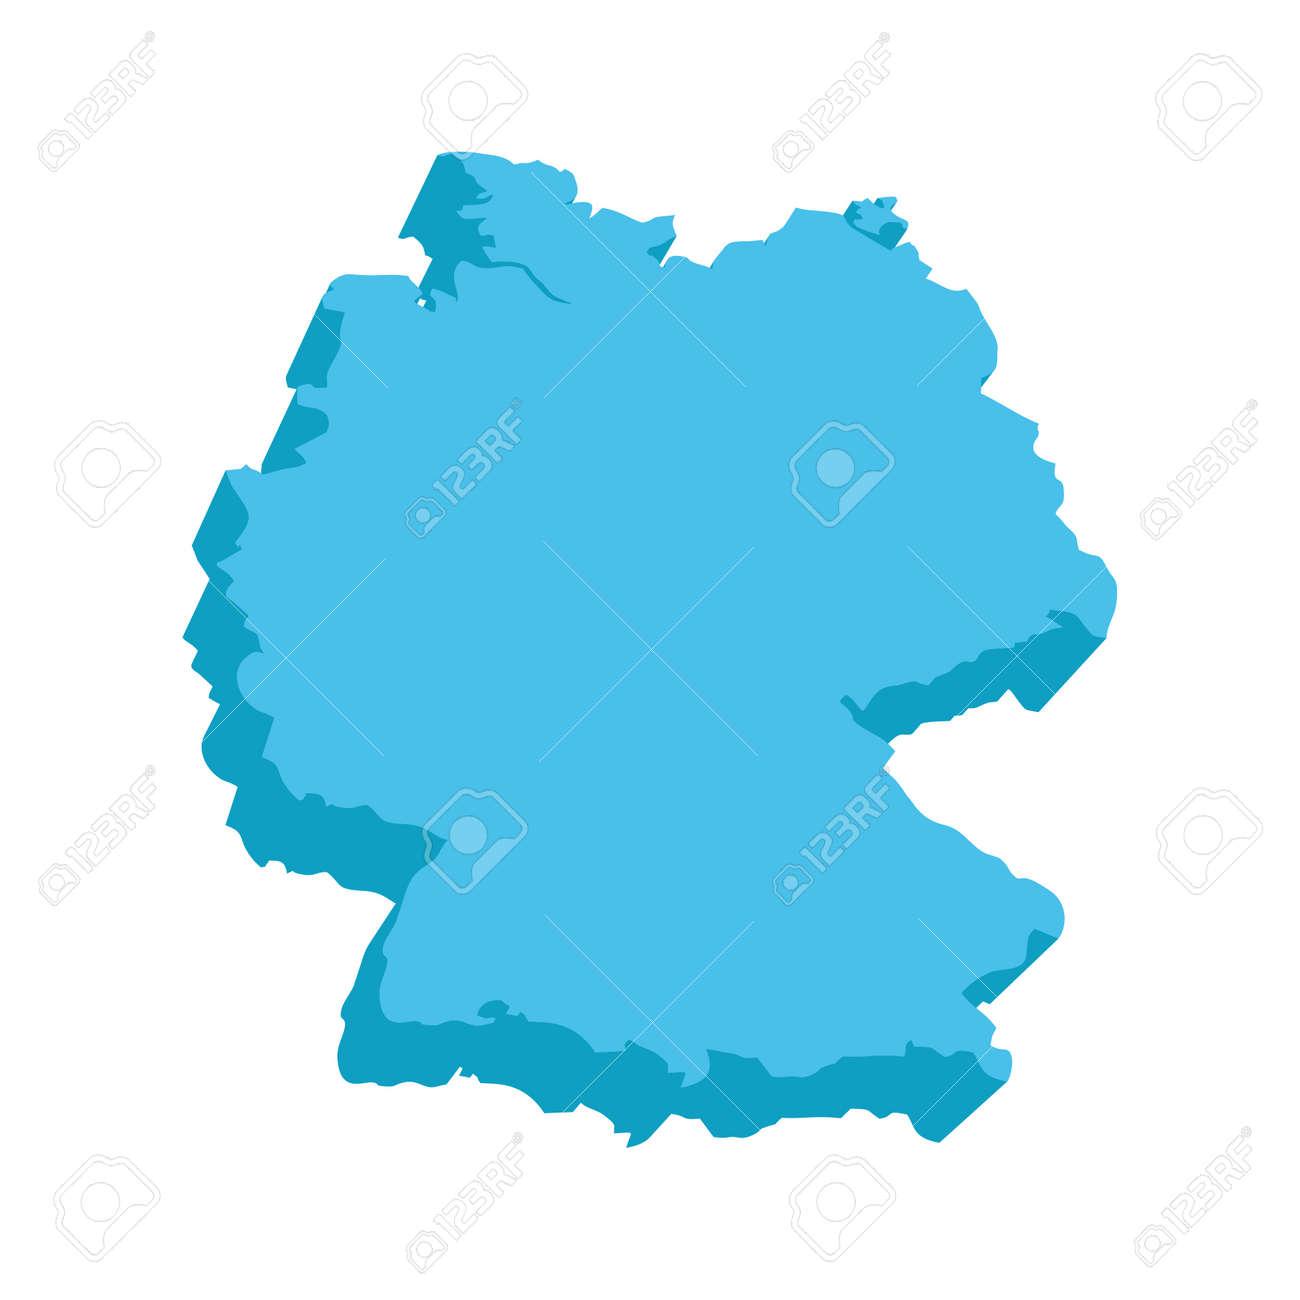 deutschland 3d karte Eine Karte Von Deutschland 3D Auf Weißem Hintergrund Lizenzfrei